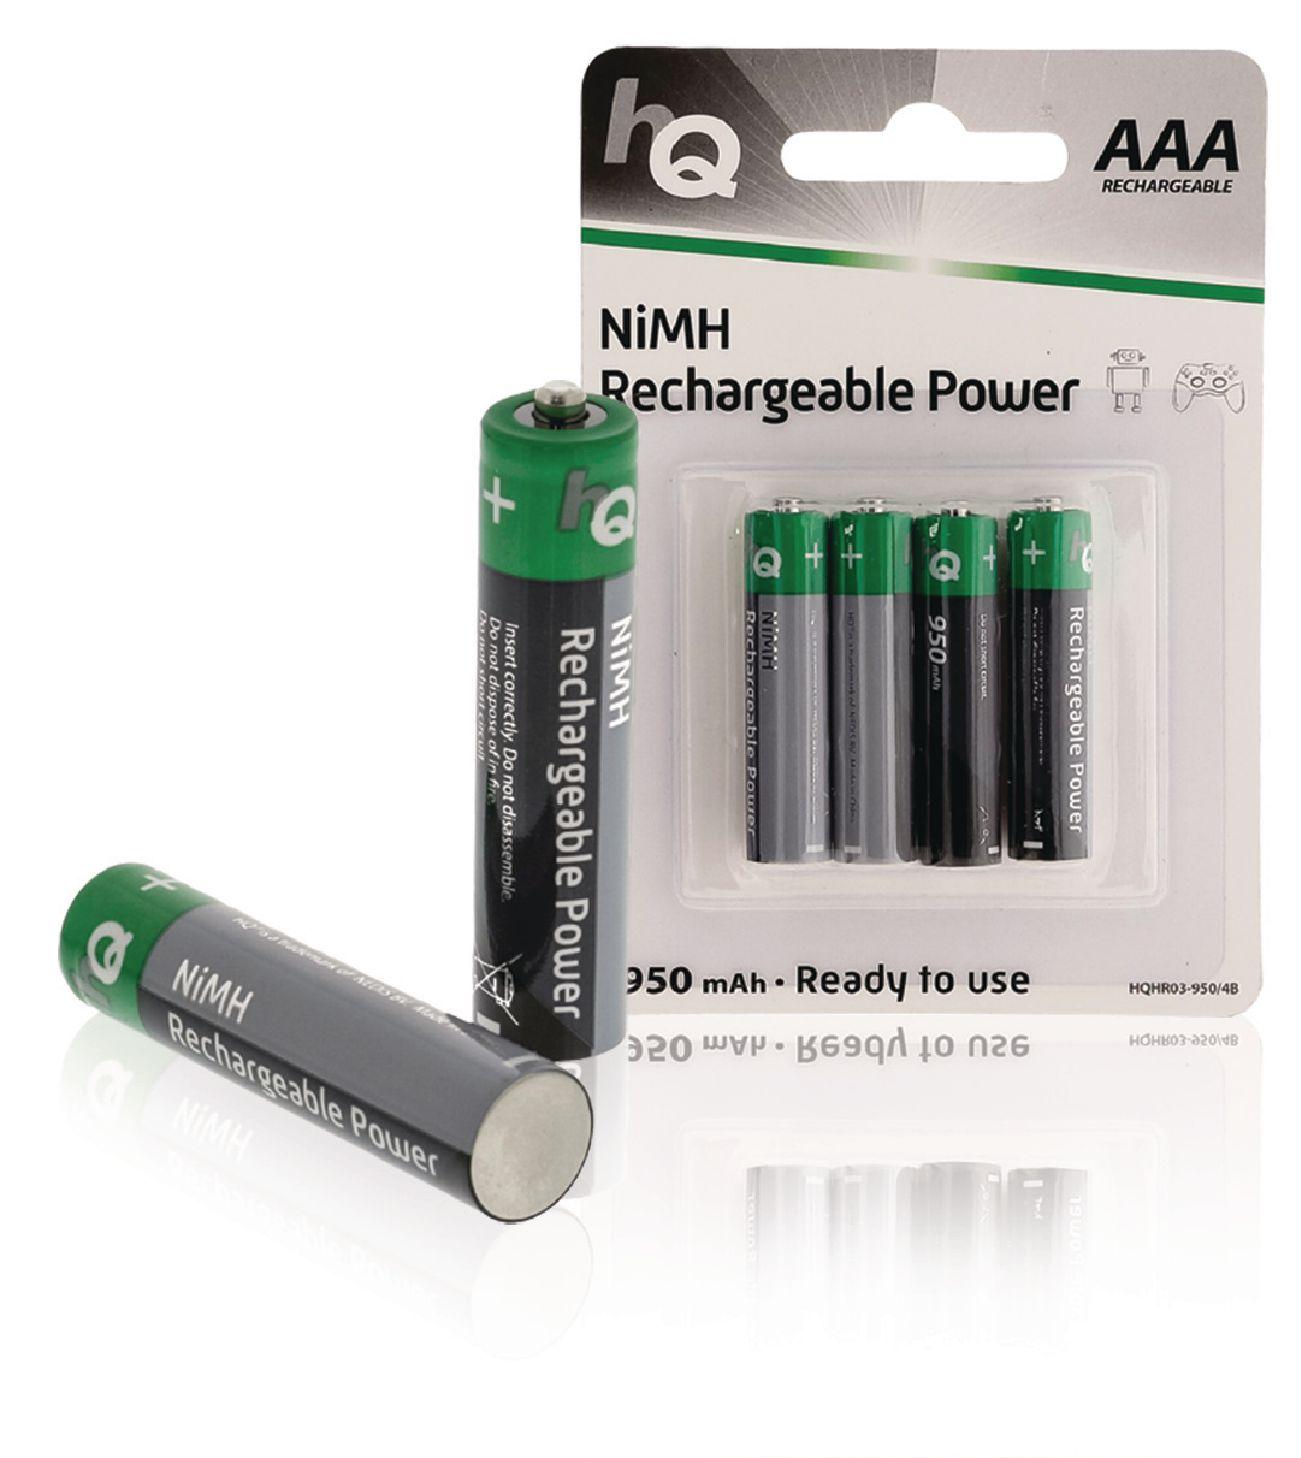 Nabíjecí baterie HQ NiMH AAA 1.2V 950mAh - 4ks, HQHR03-950/4B